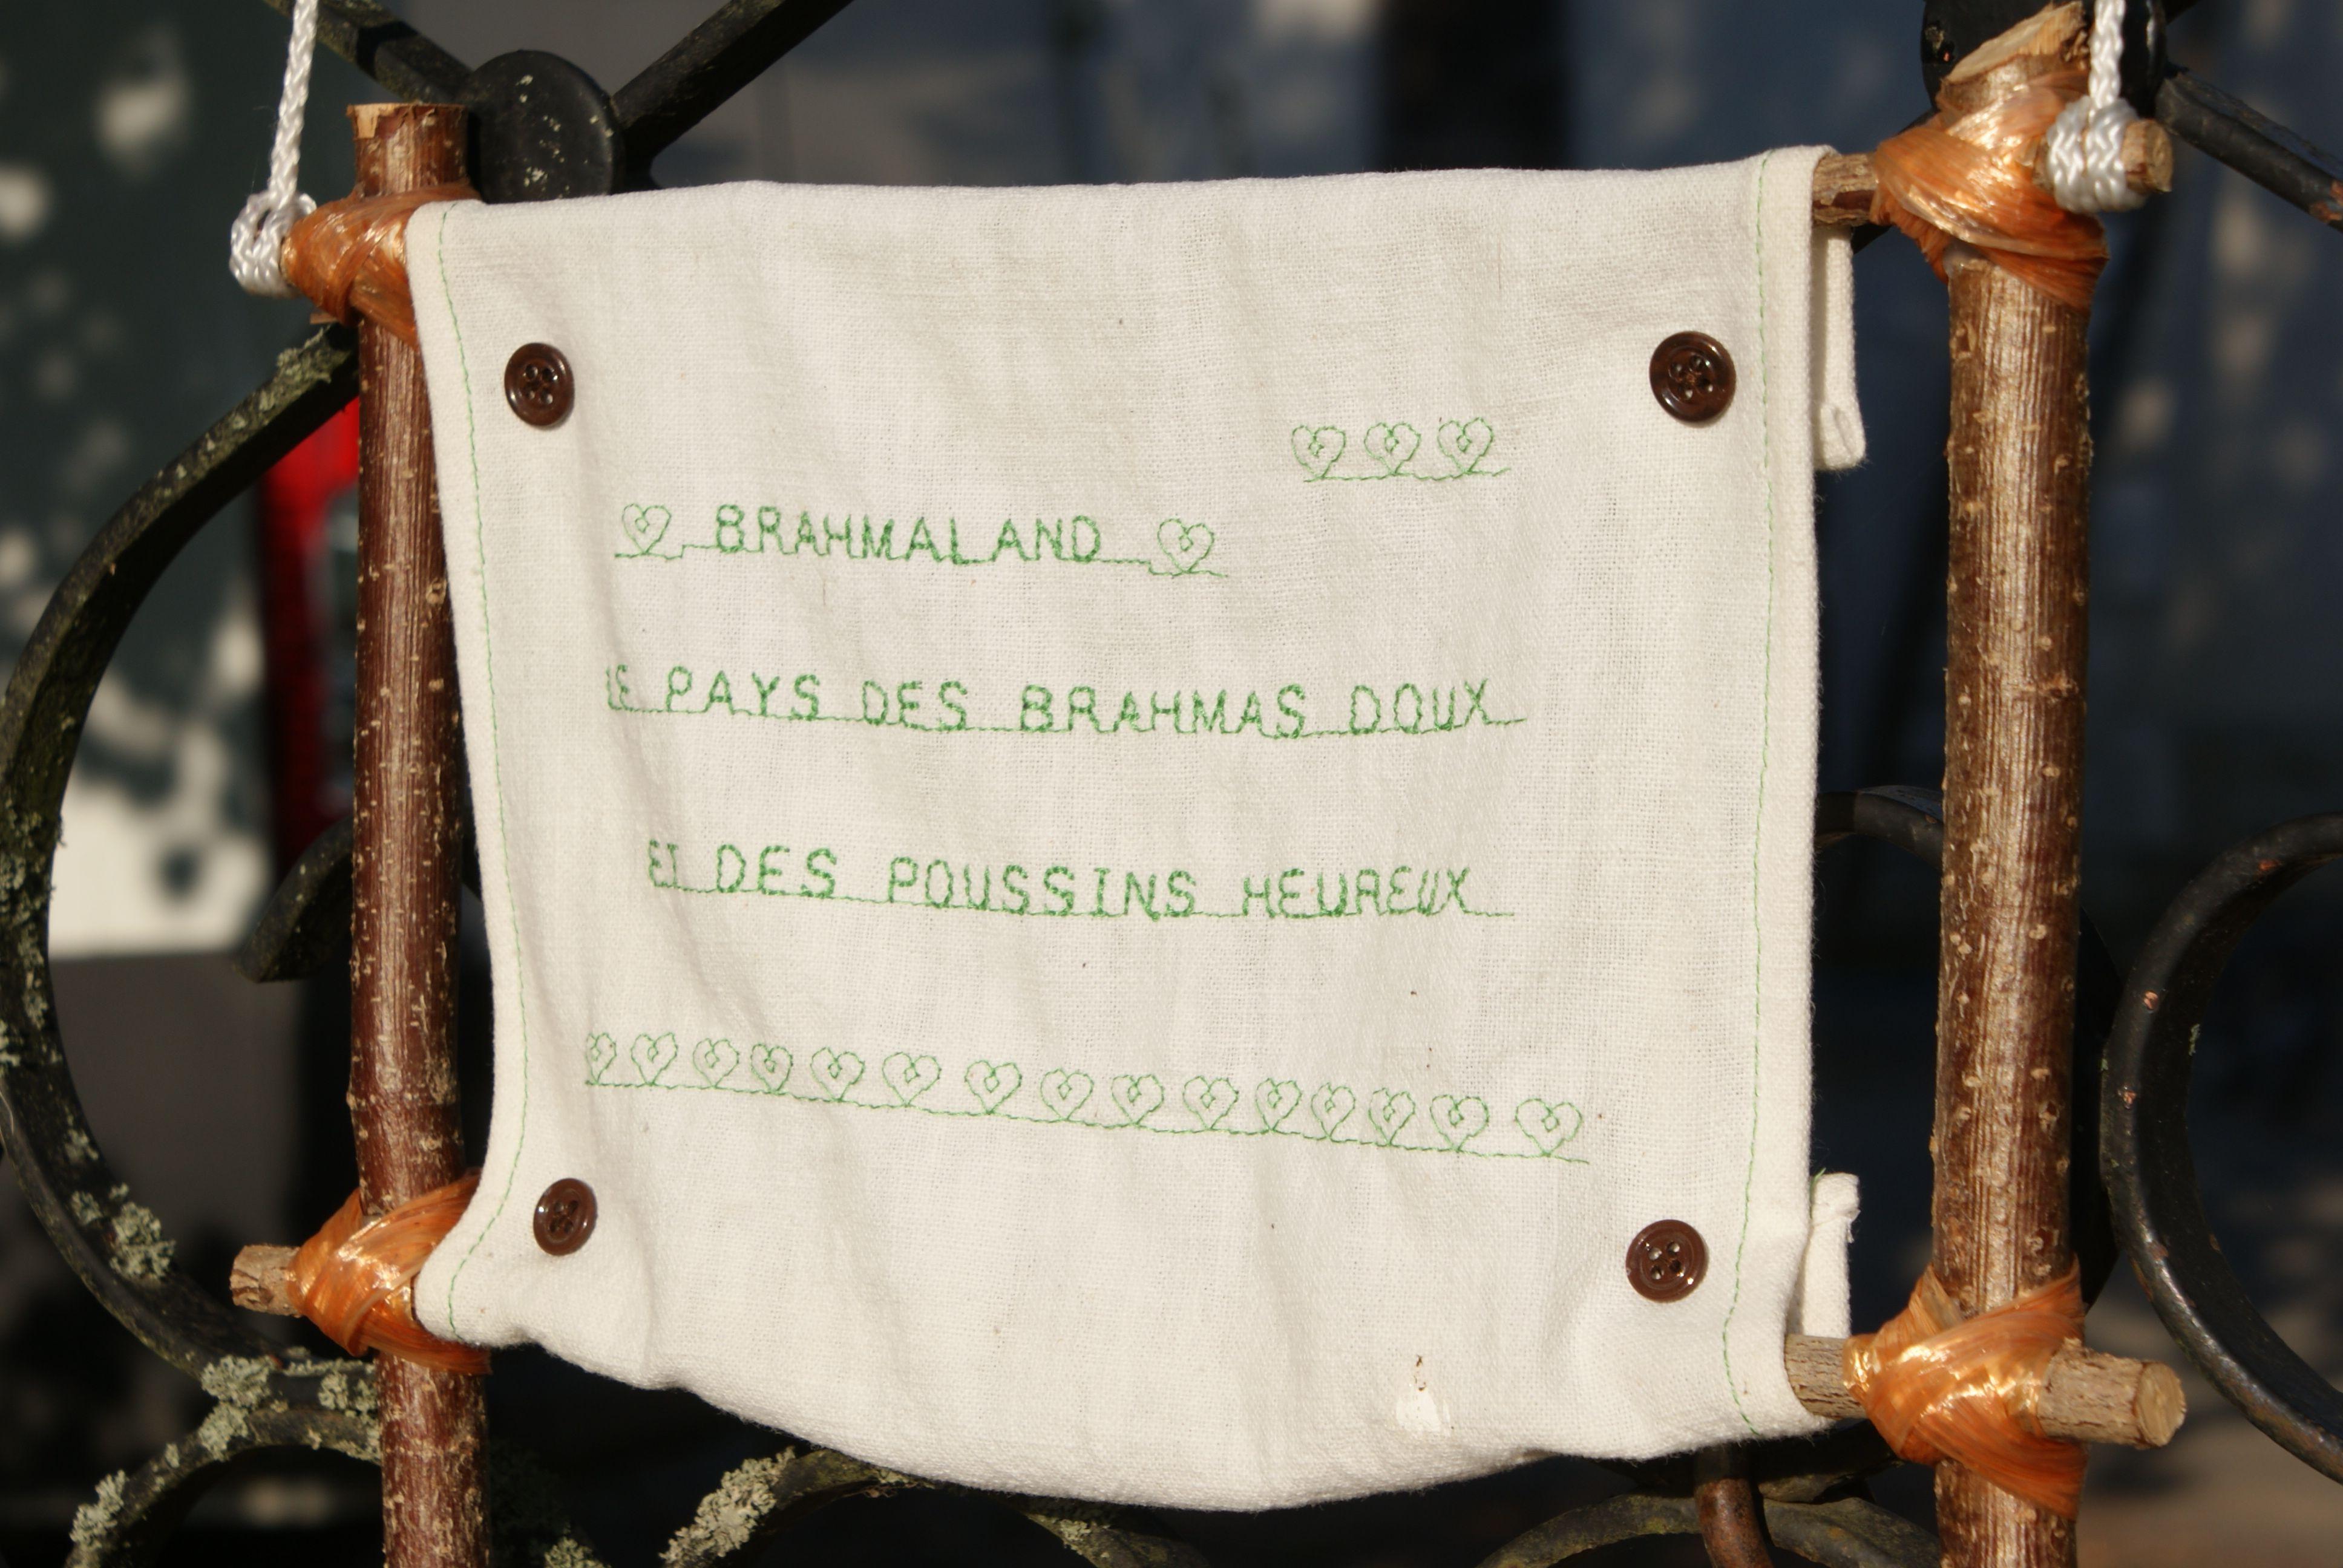 borderie et slogan de brahmaland